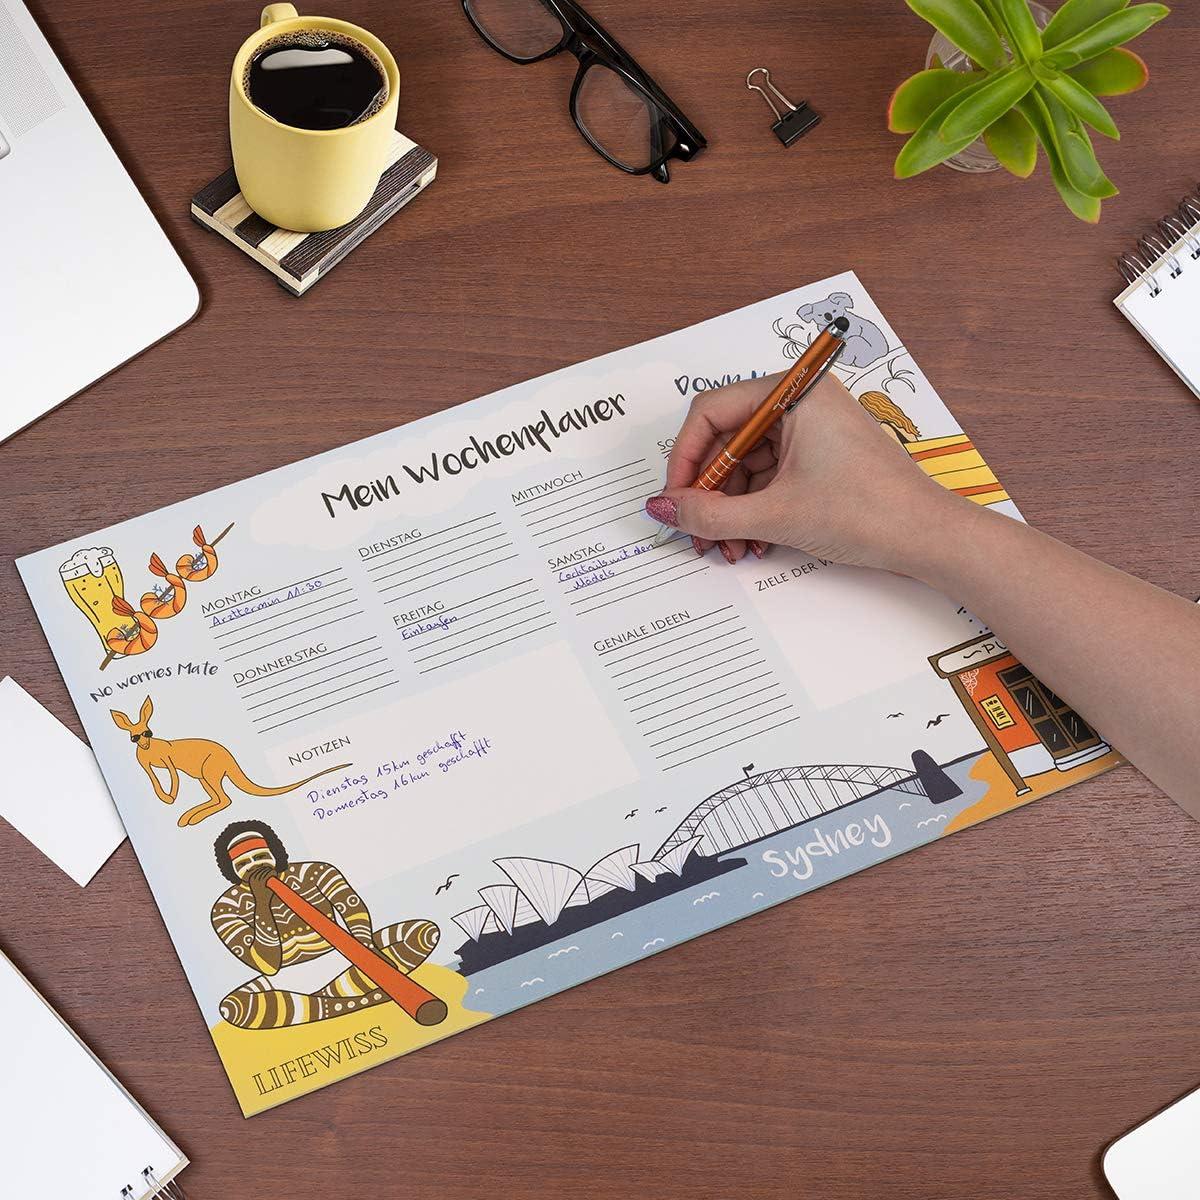 Lifewiss Schreibtischunterlage aus Papier zum Abrei/ßen in 5 St/ädte Designs DIN A3 Wochenplaner Notizblock To-Do Liste